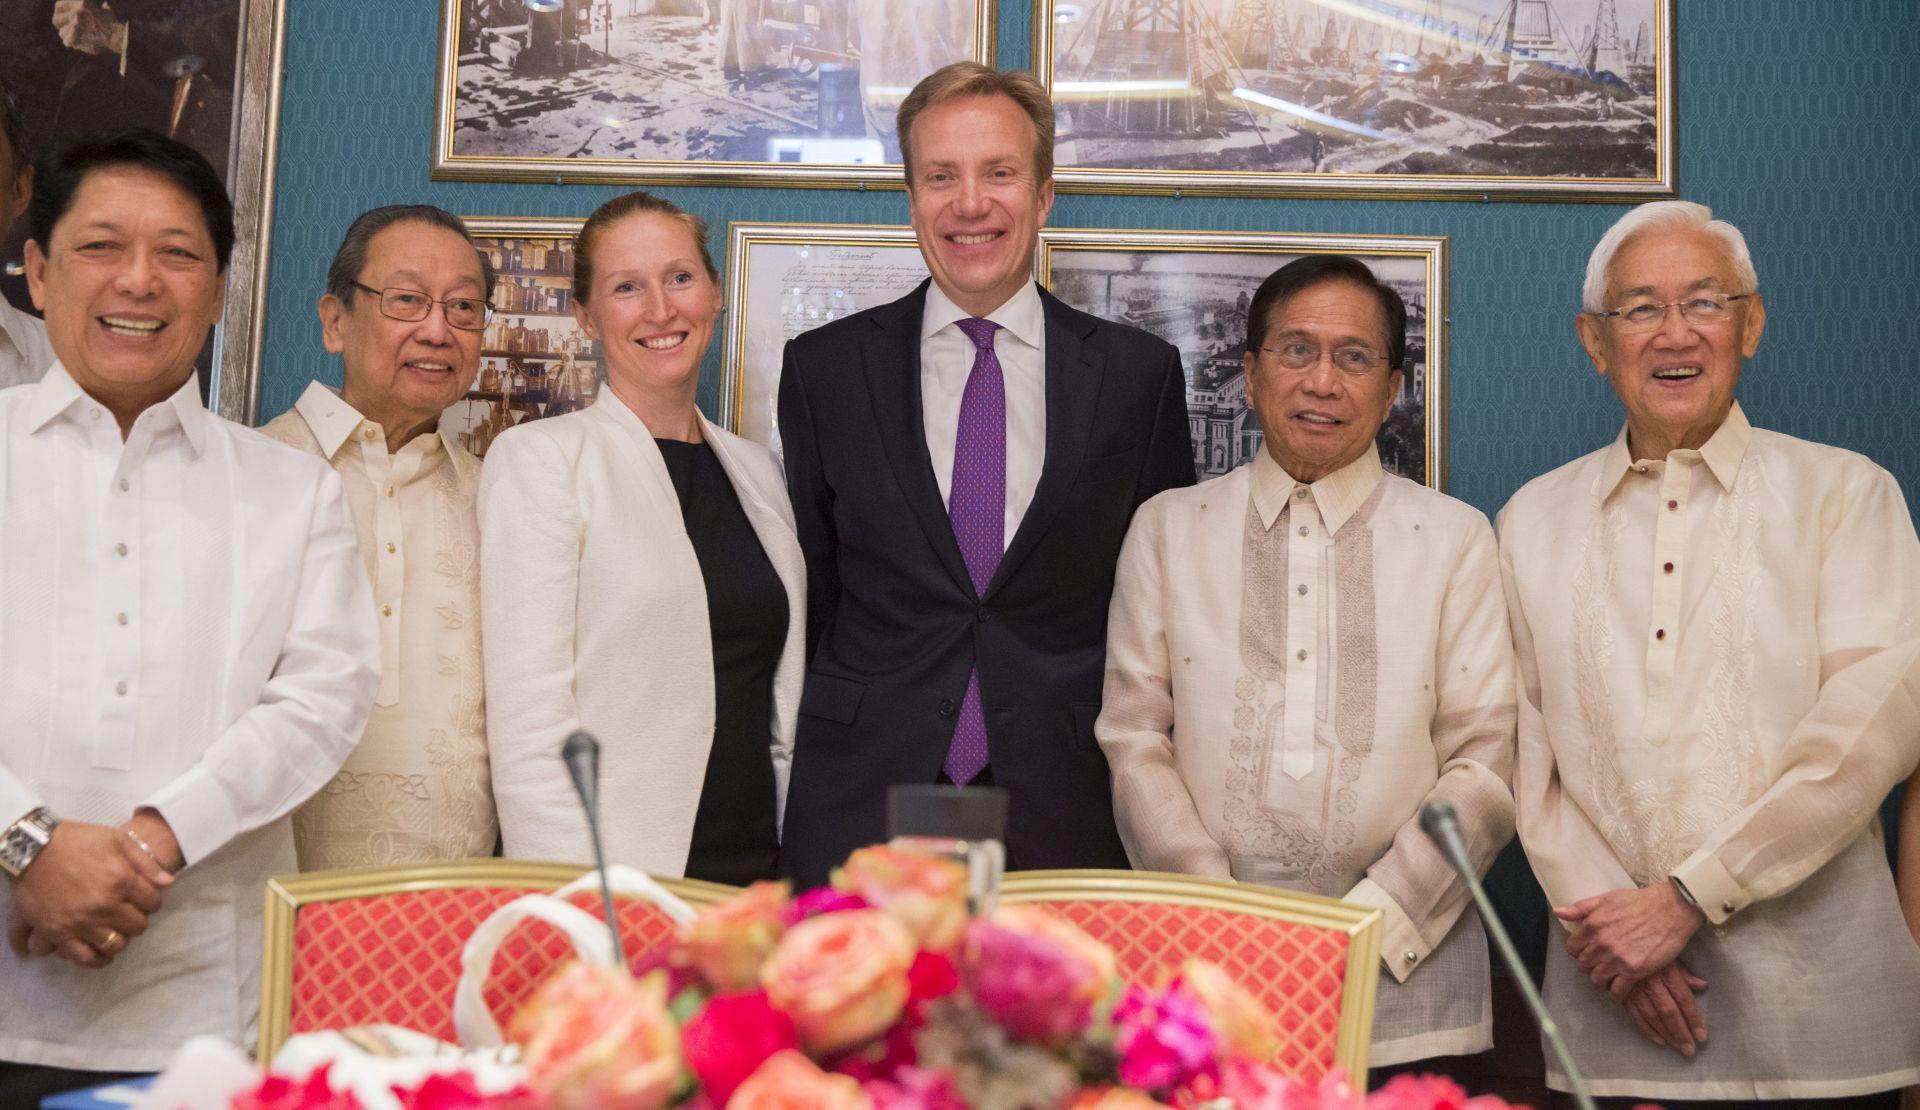 ZAVRŠETAK SUKOBA: Filipinska vlada potpisala primirje s maoističkim pobunjenicima